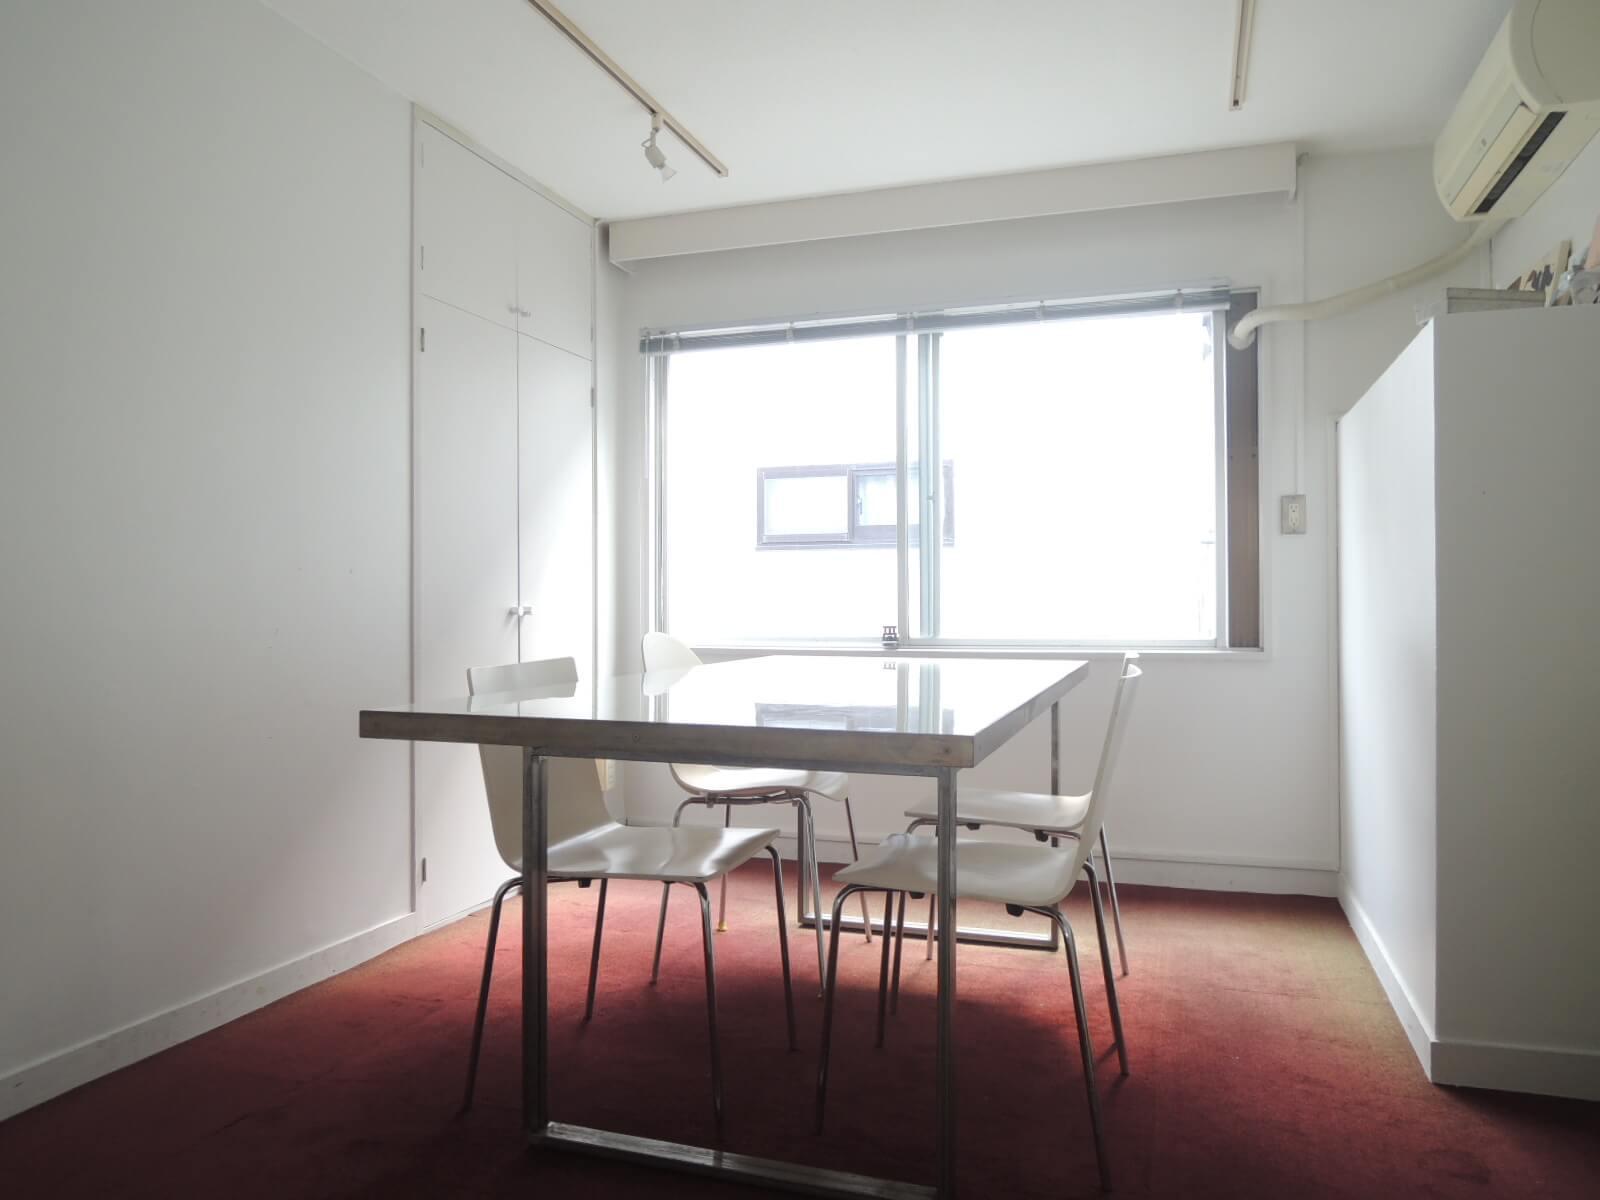 ひとつめの小部屋は、床を赤いタイルカーペットに。